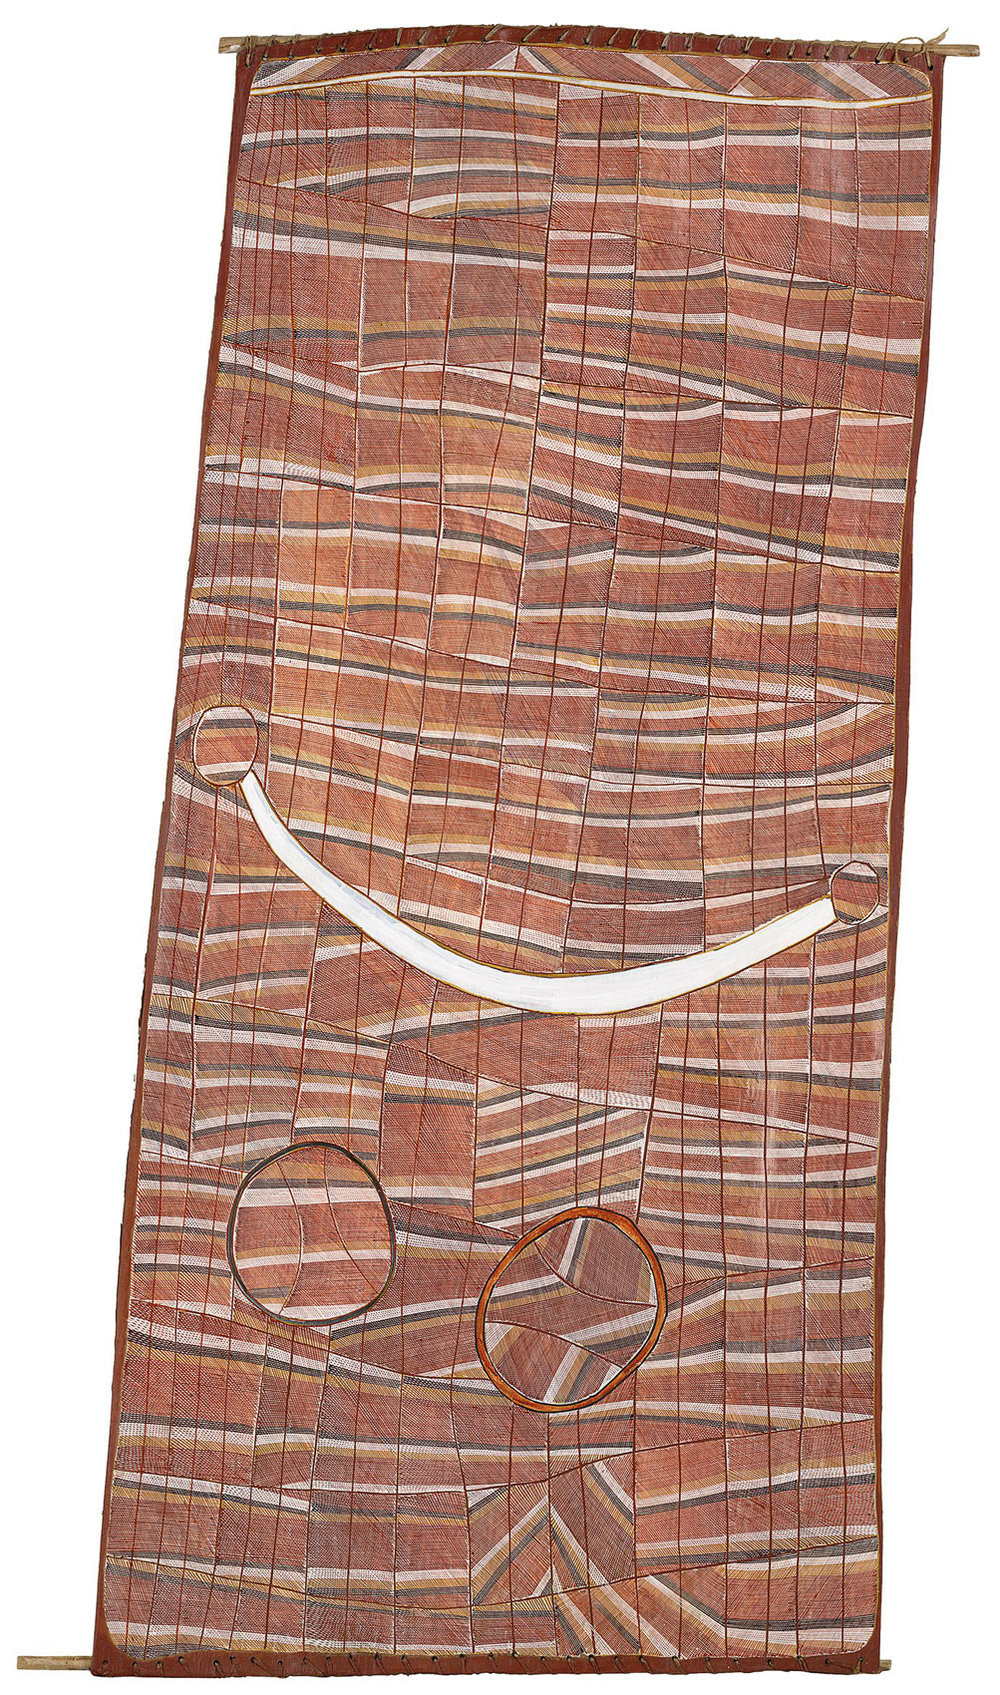 Mardayin design at Mukkamukka.jpg